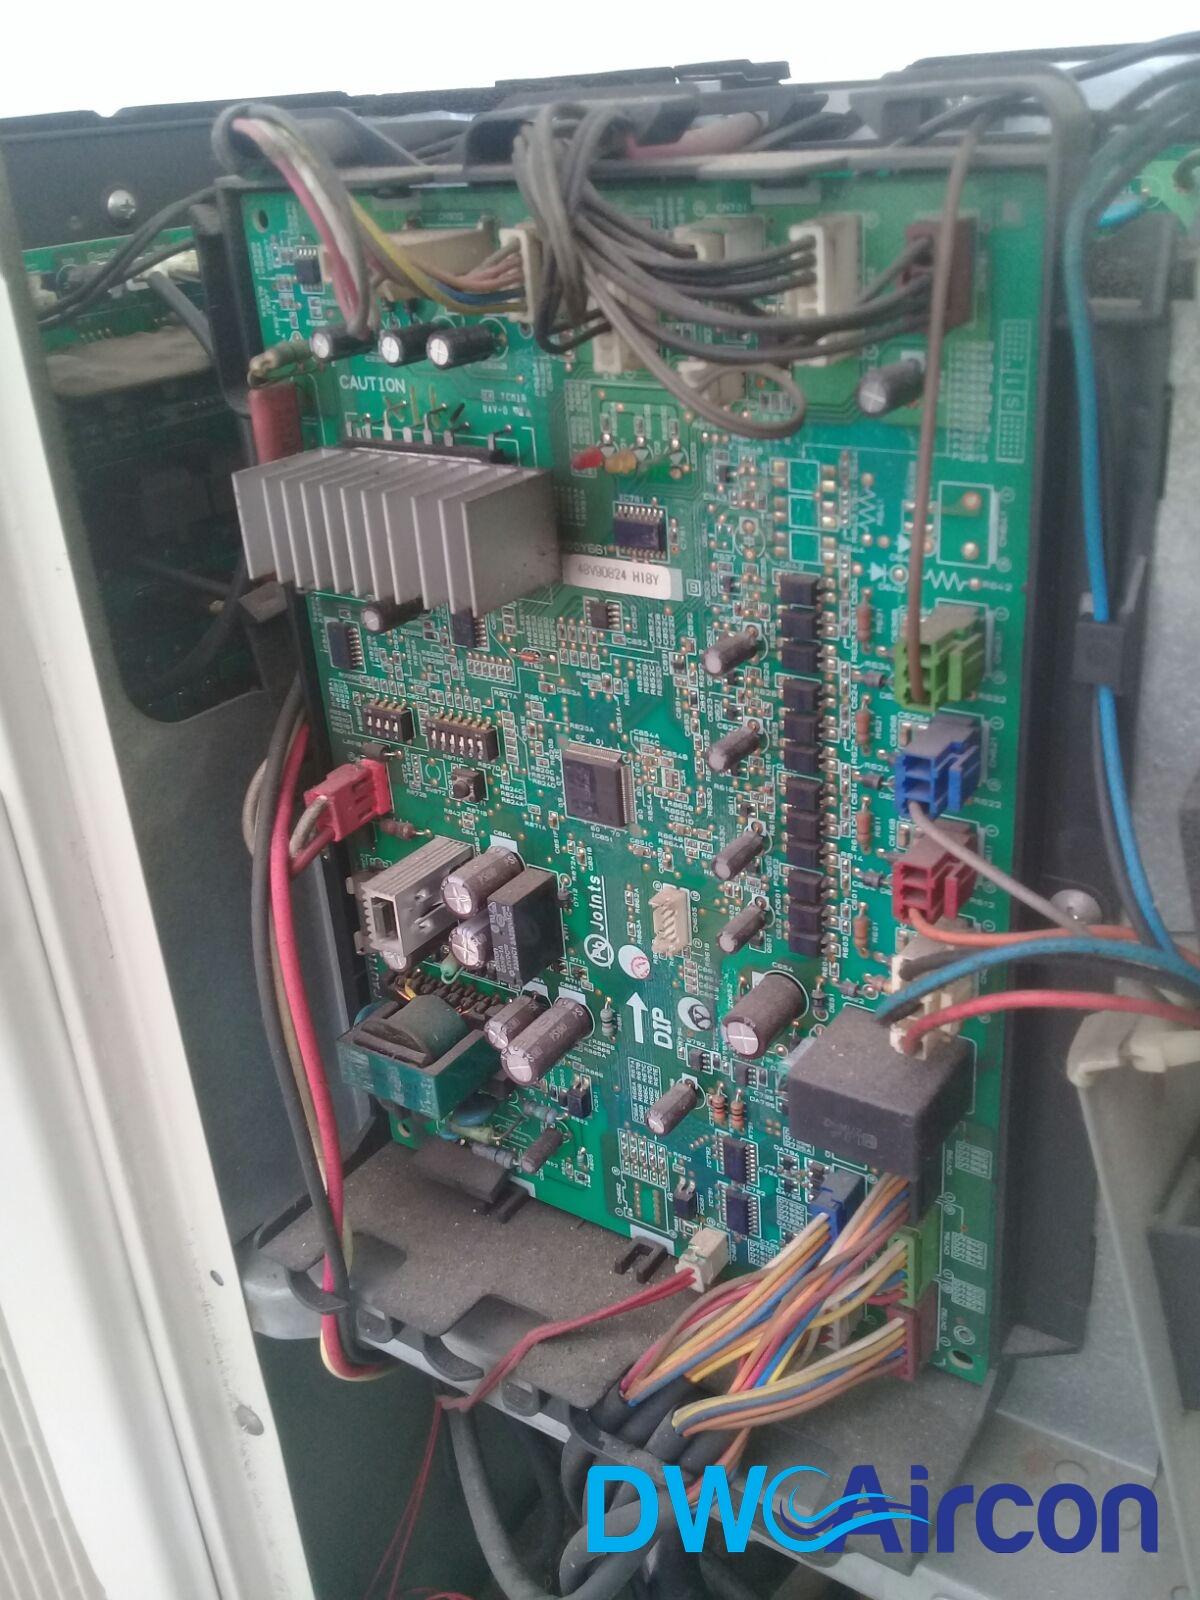 Aircon Pcb Repair Circuit Board Singapore Hdb Wiring A